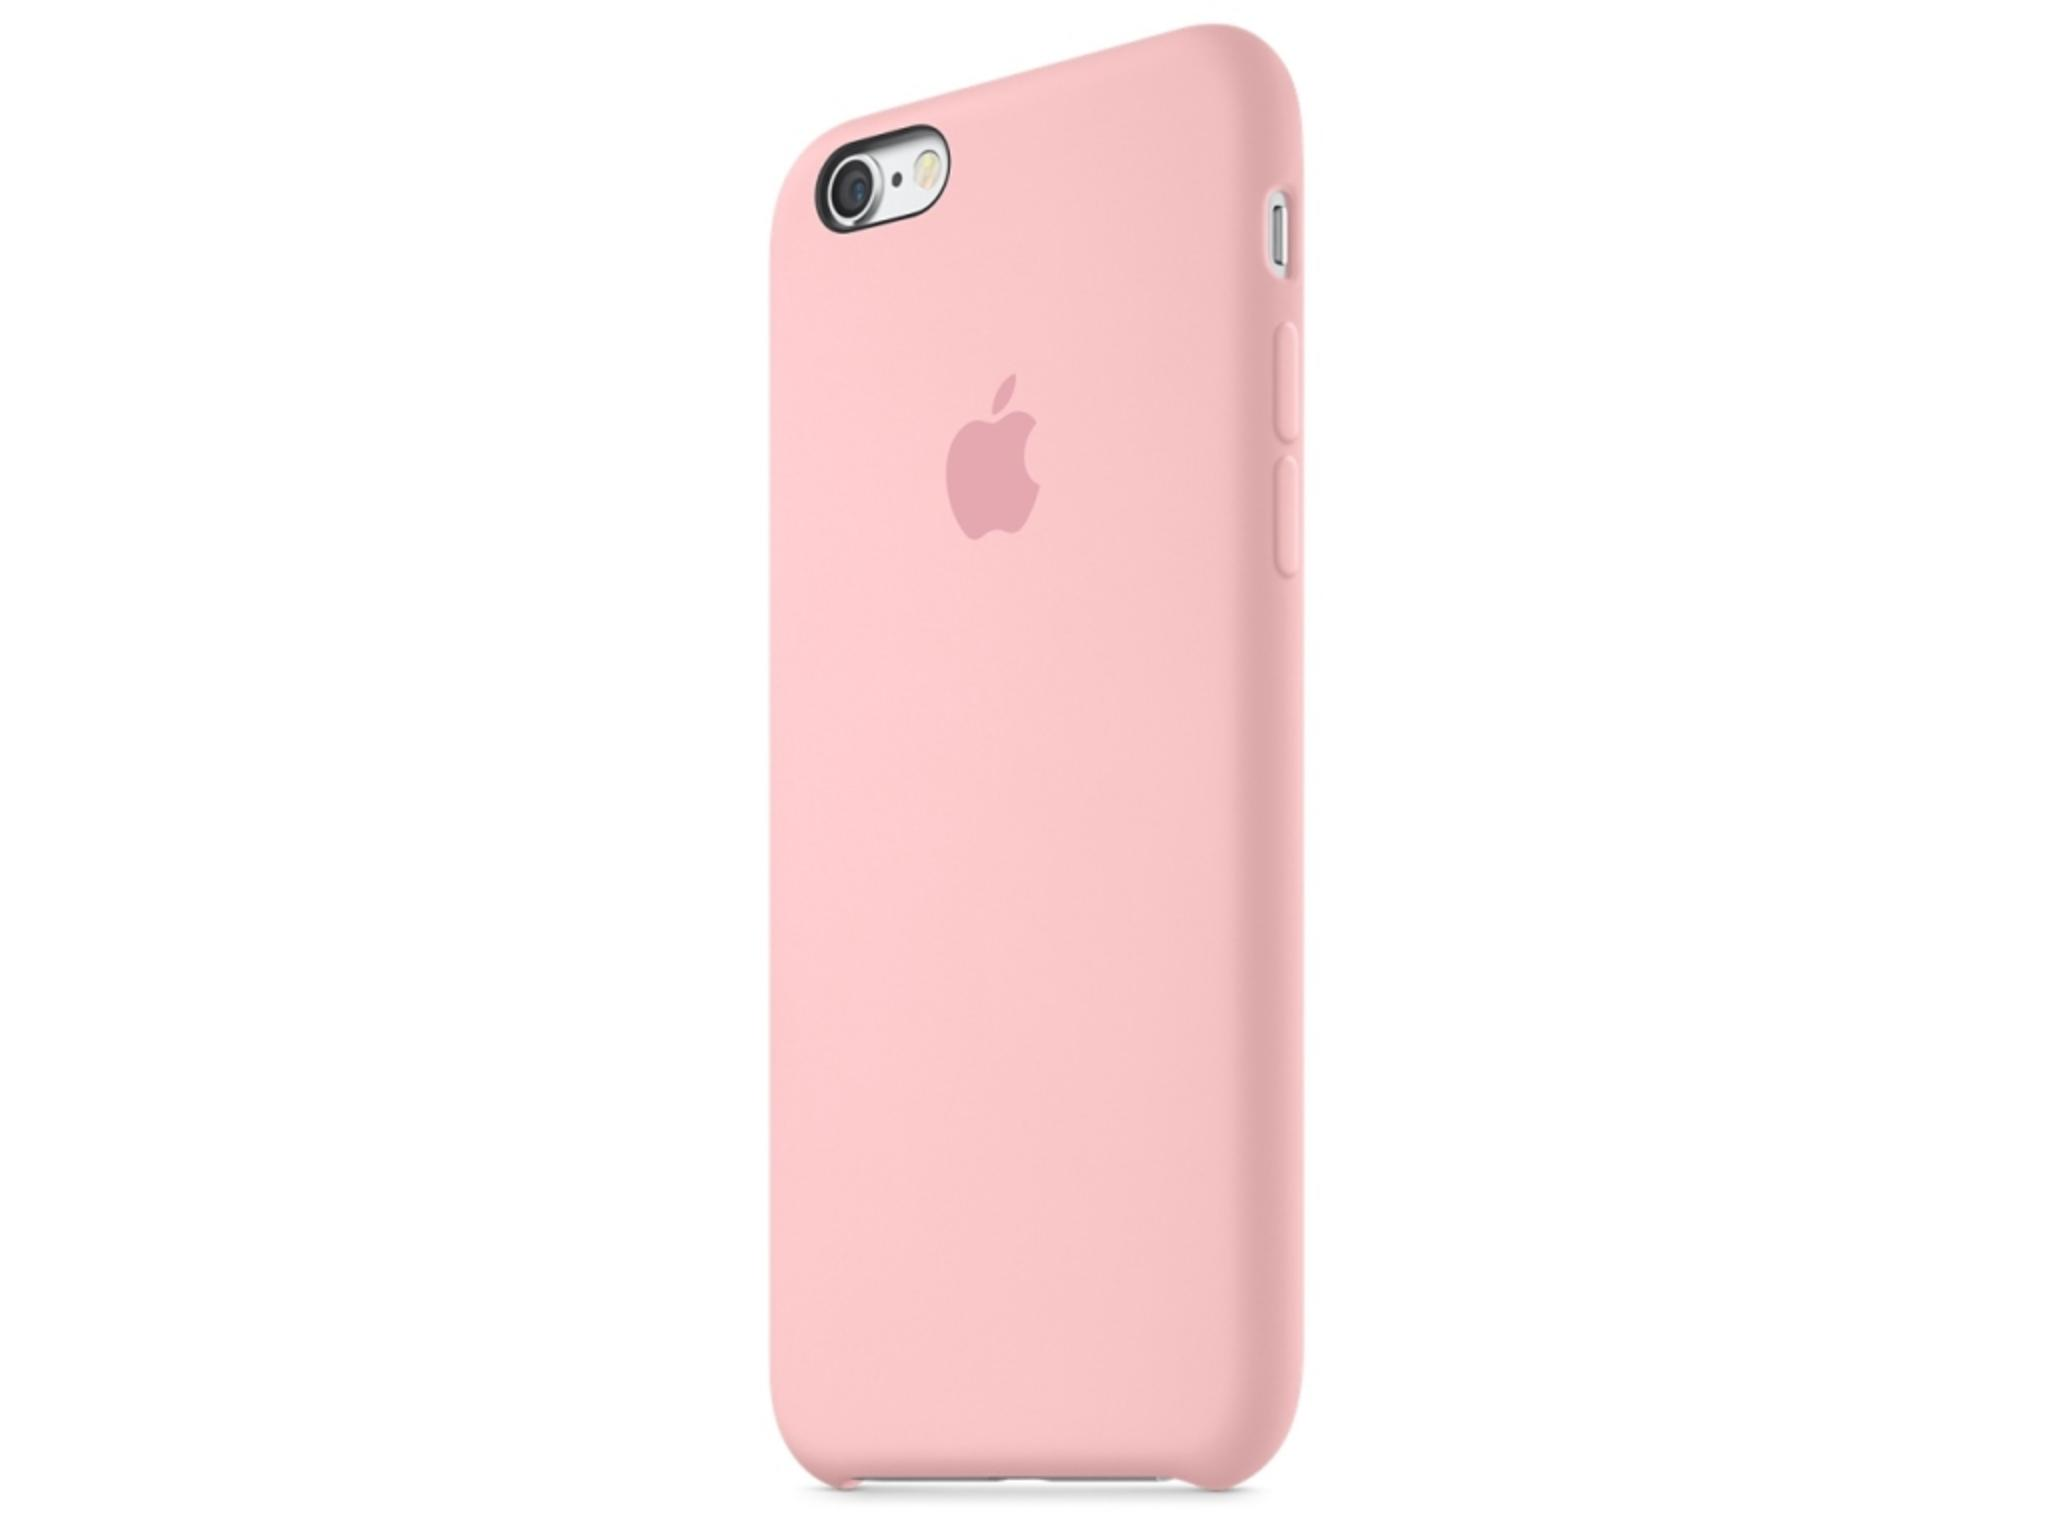 Mit dem rosanen Silikon Case soll wohl die Damenwelt angesprochen werden.